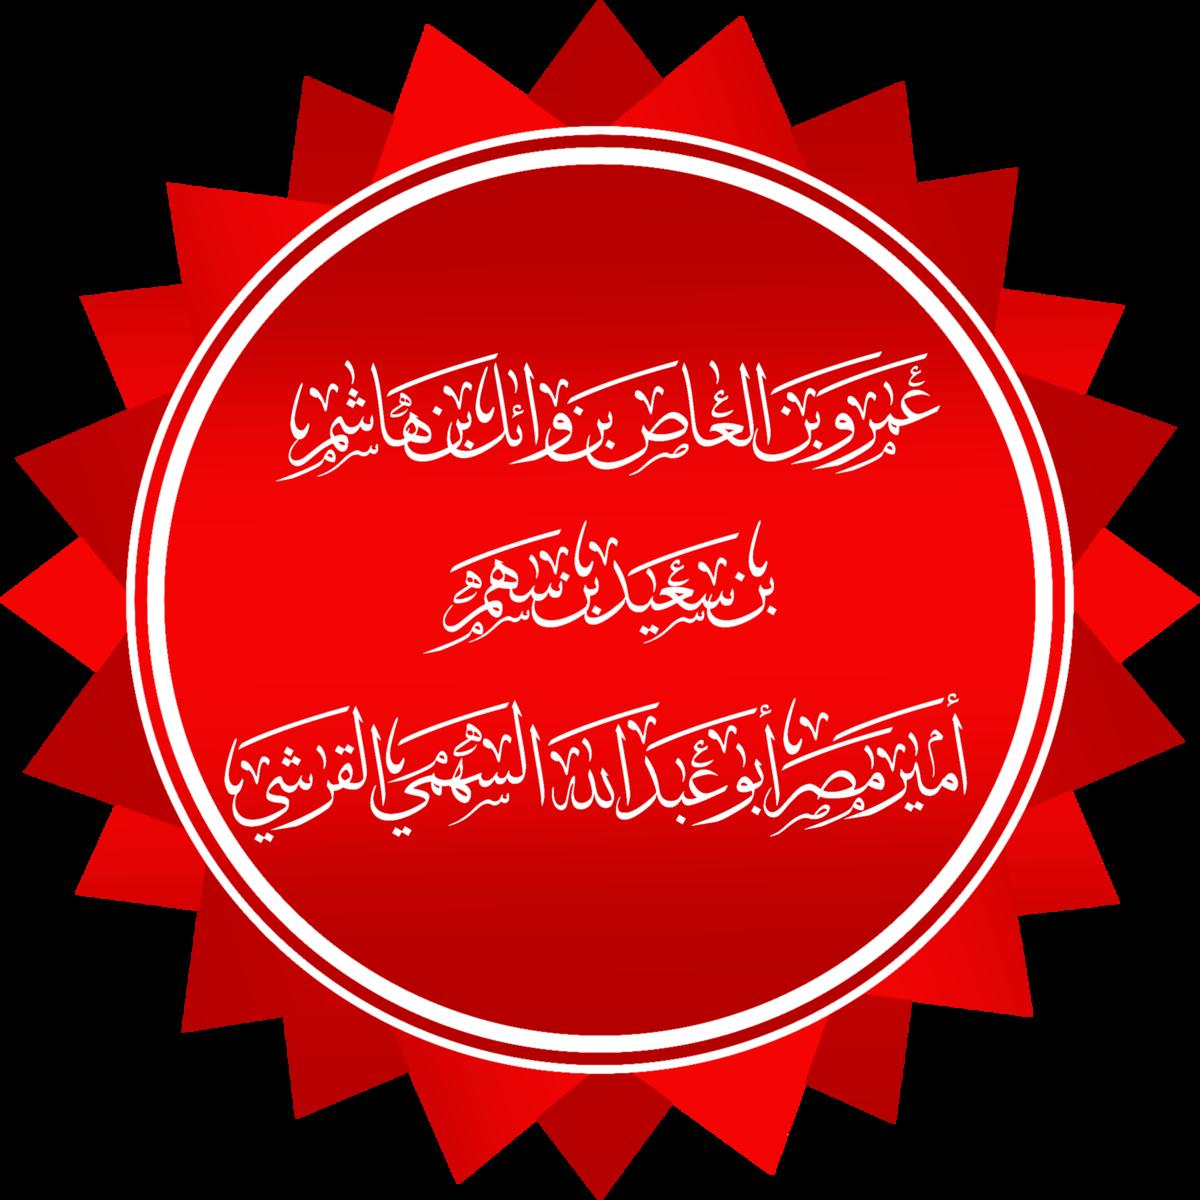 8b28d9c79 عمرو بن العاص - ويكيبيديا، الموسوعة الحرة